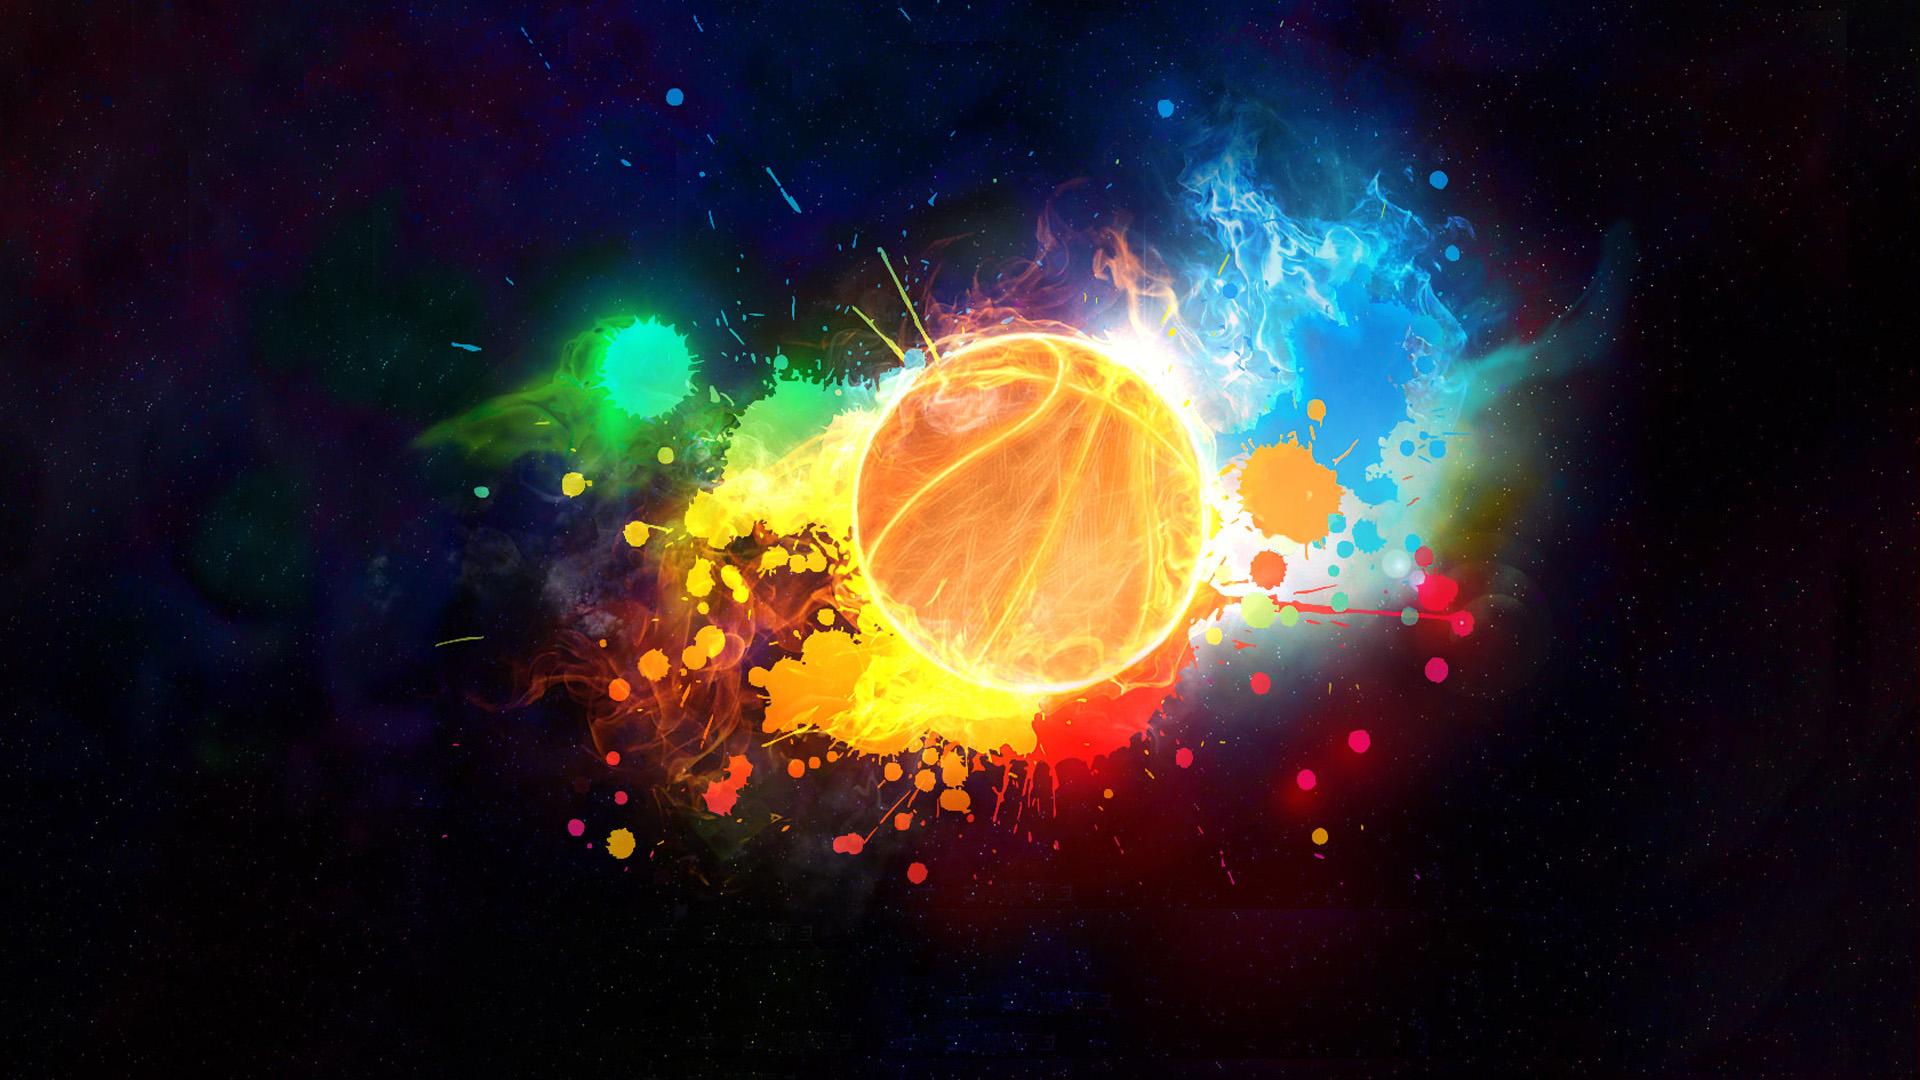 Wallpaperswide michael jordan basketball hd hd wallpaper sports wallpaperswide michael jordan basketball hd hd wallpaper sports wallpapers 1920x1080 voltagebd Choice Image